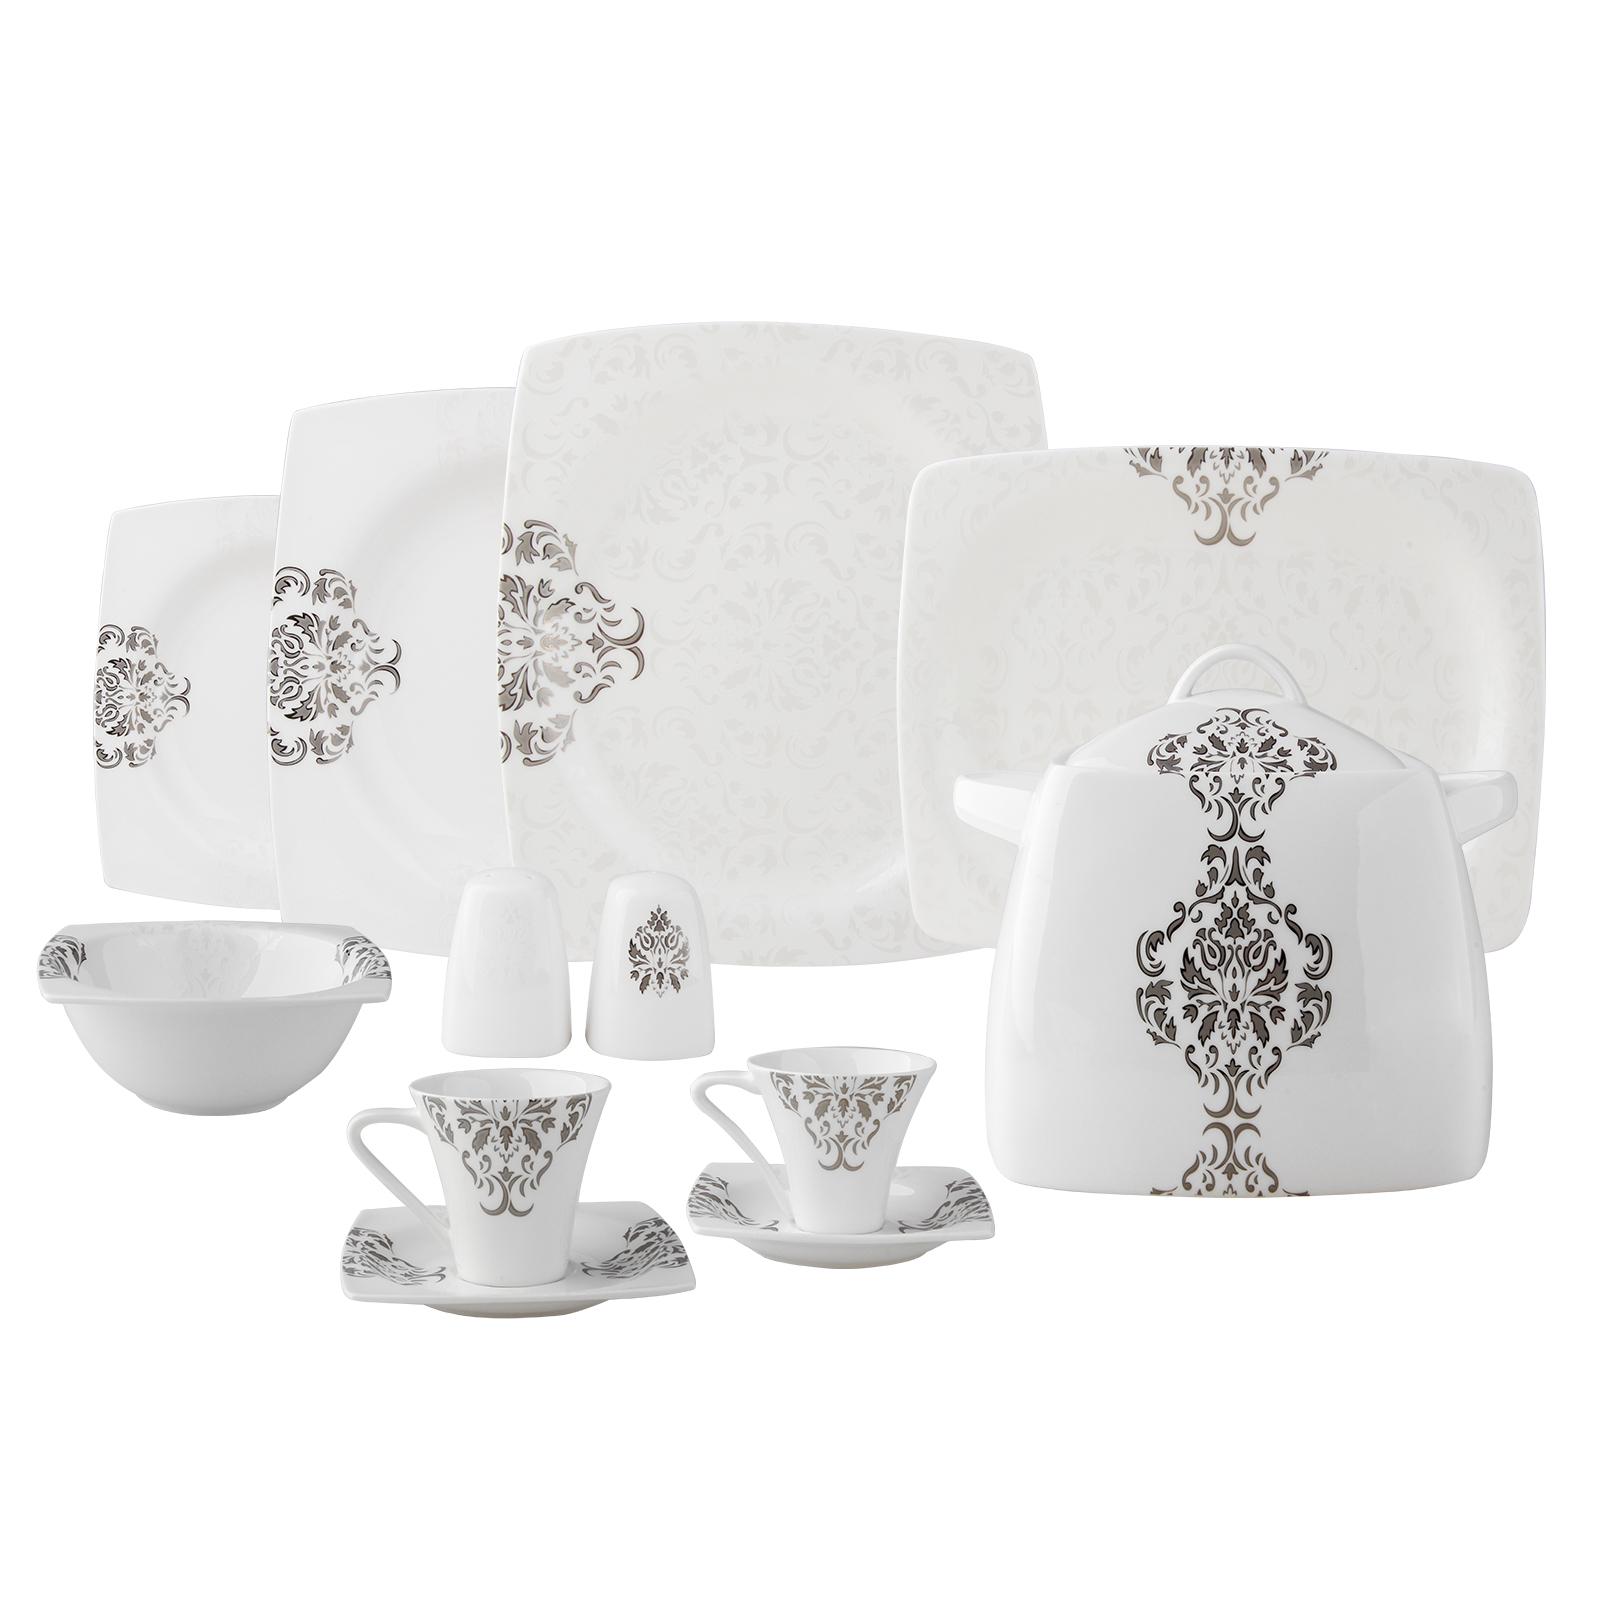 Karaca-Porselen-Yemek-Takımı-Modelleri-milan-ymt-birlesik Karaca Porselen Yemek Takımı Modelleri